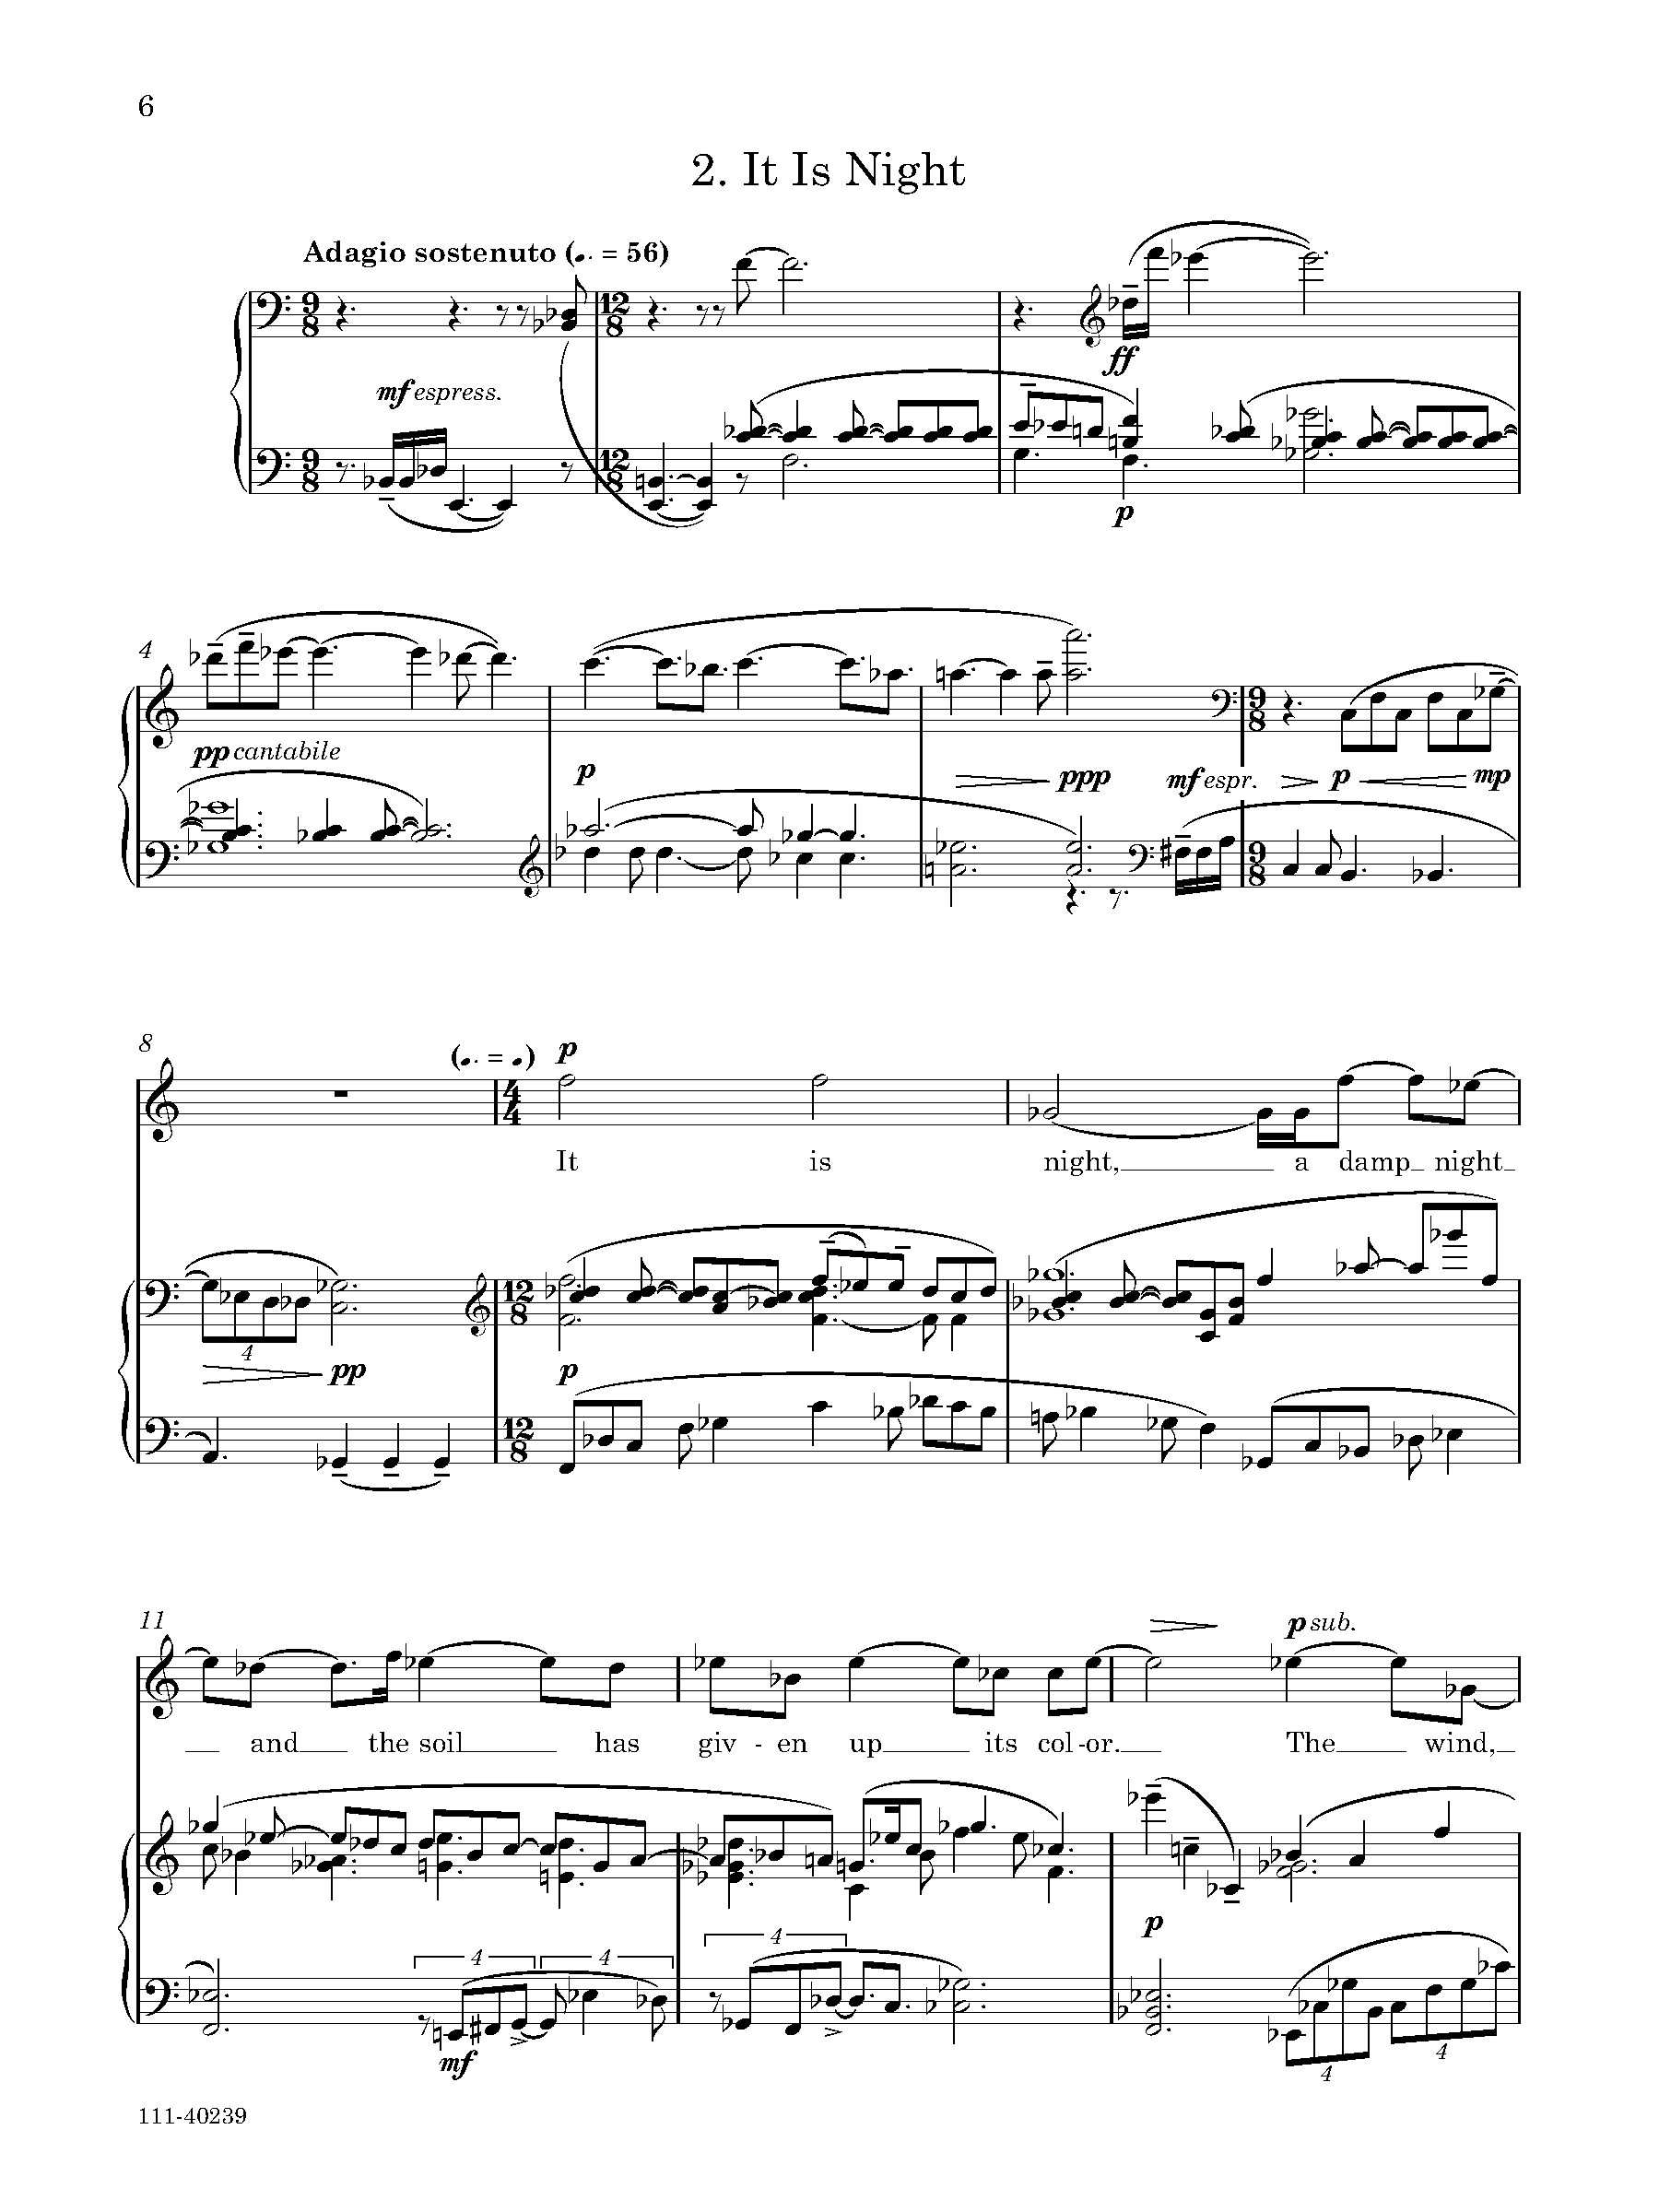 NewMusicShelf Anthology of New Music for Soprano, Vol  1